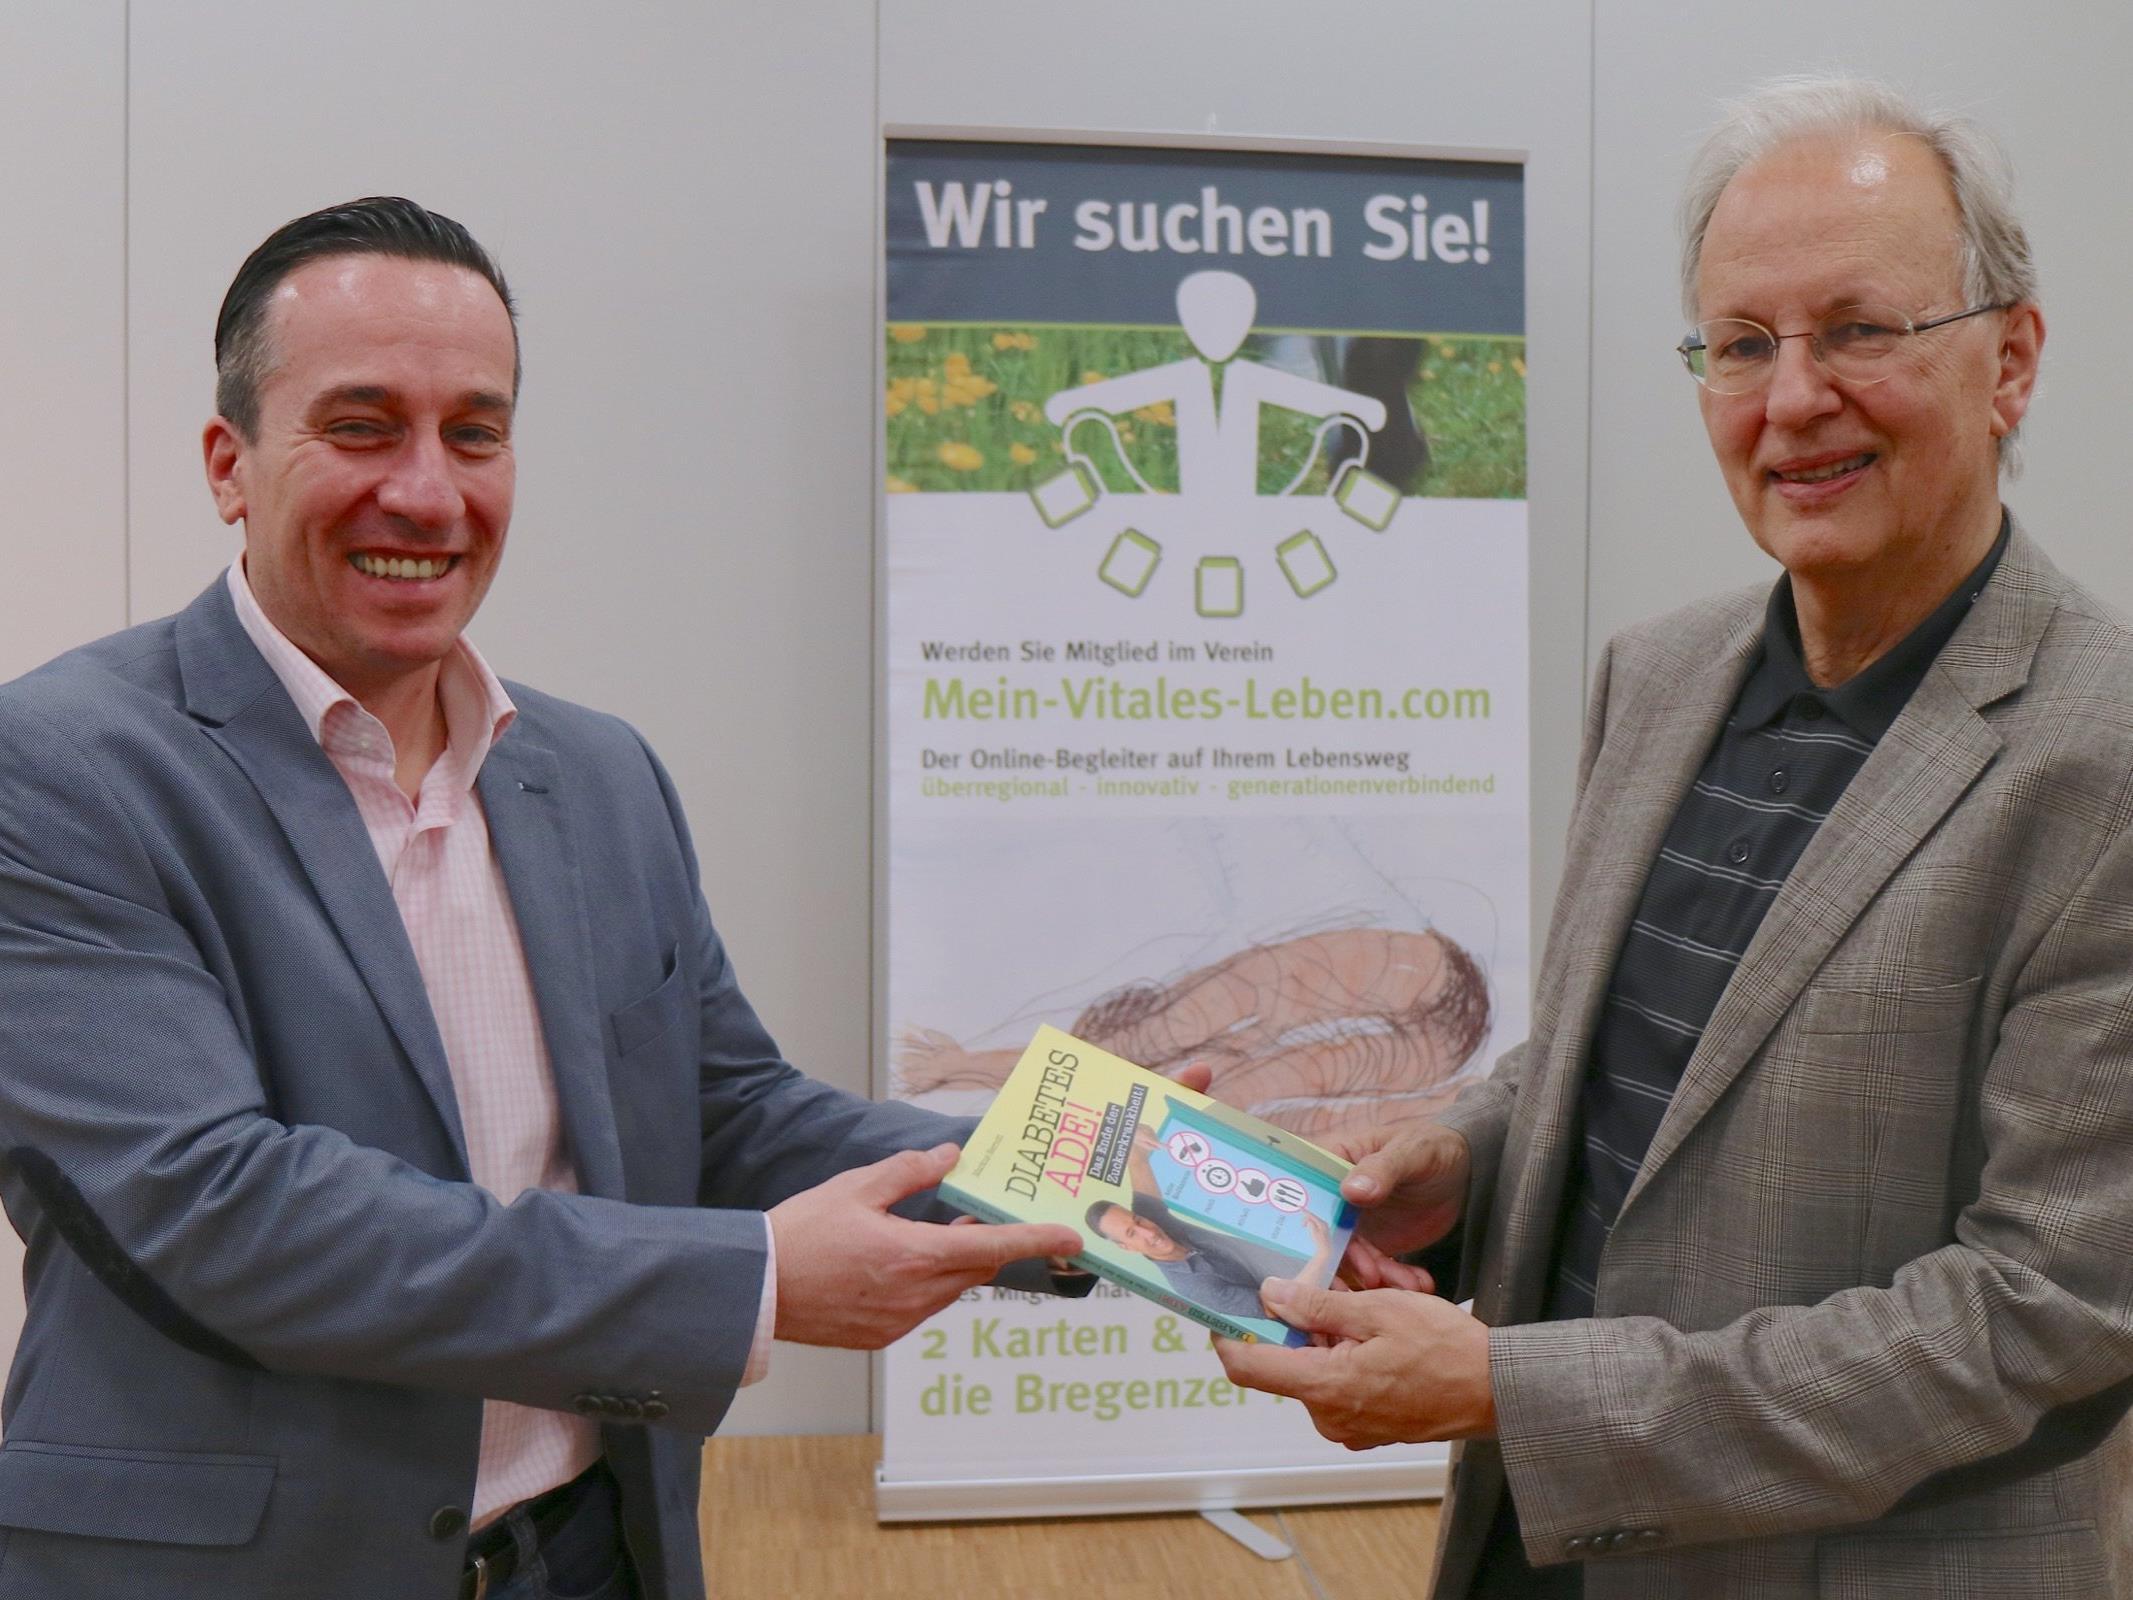 """Markus Berndt, Unternehmer, Coach und Autor mit Wolfgang Gruber, Obmann vom Verein """"Mein-Vitales-Leben""""."""